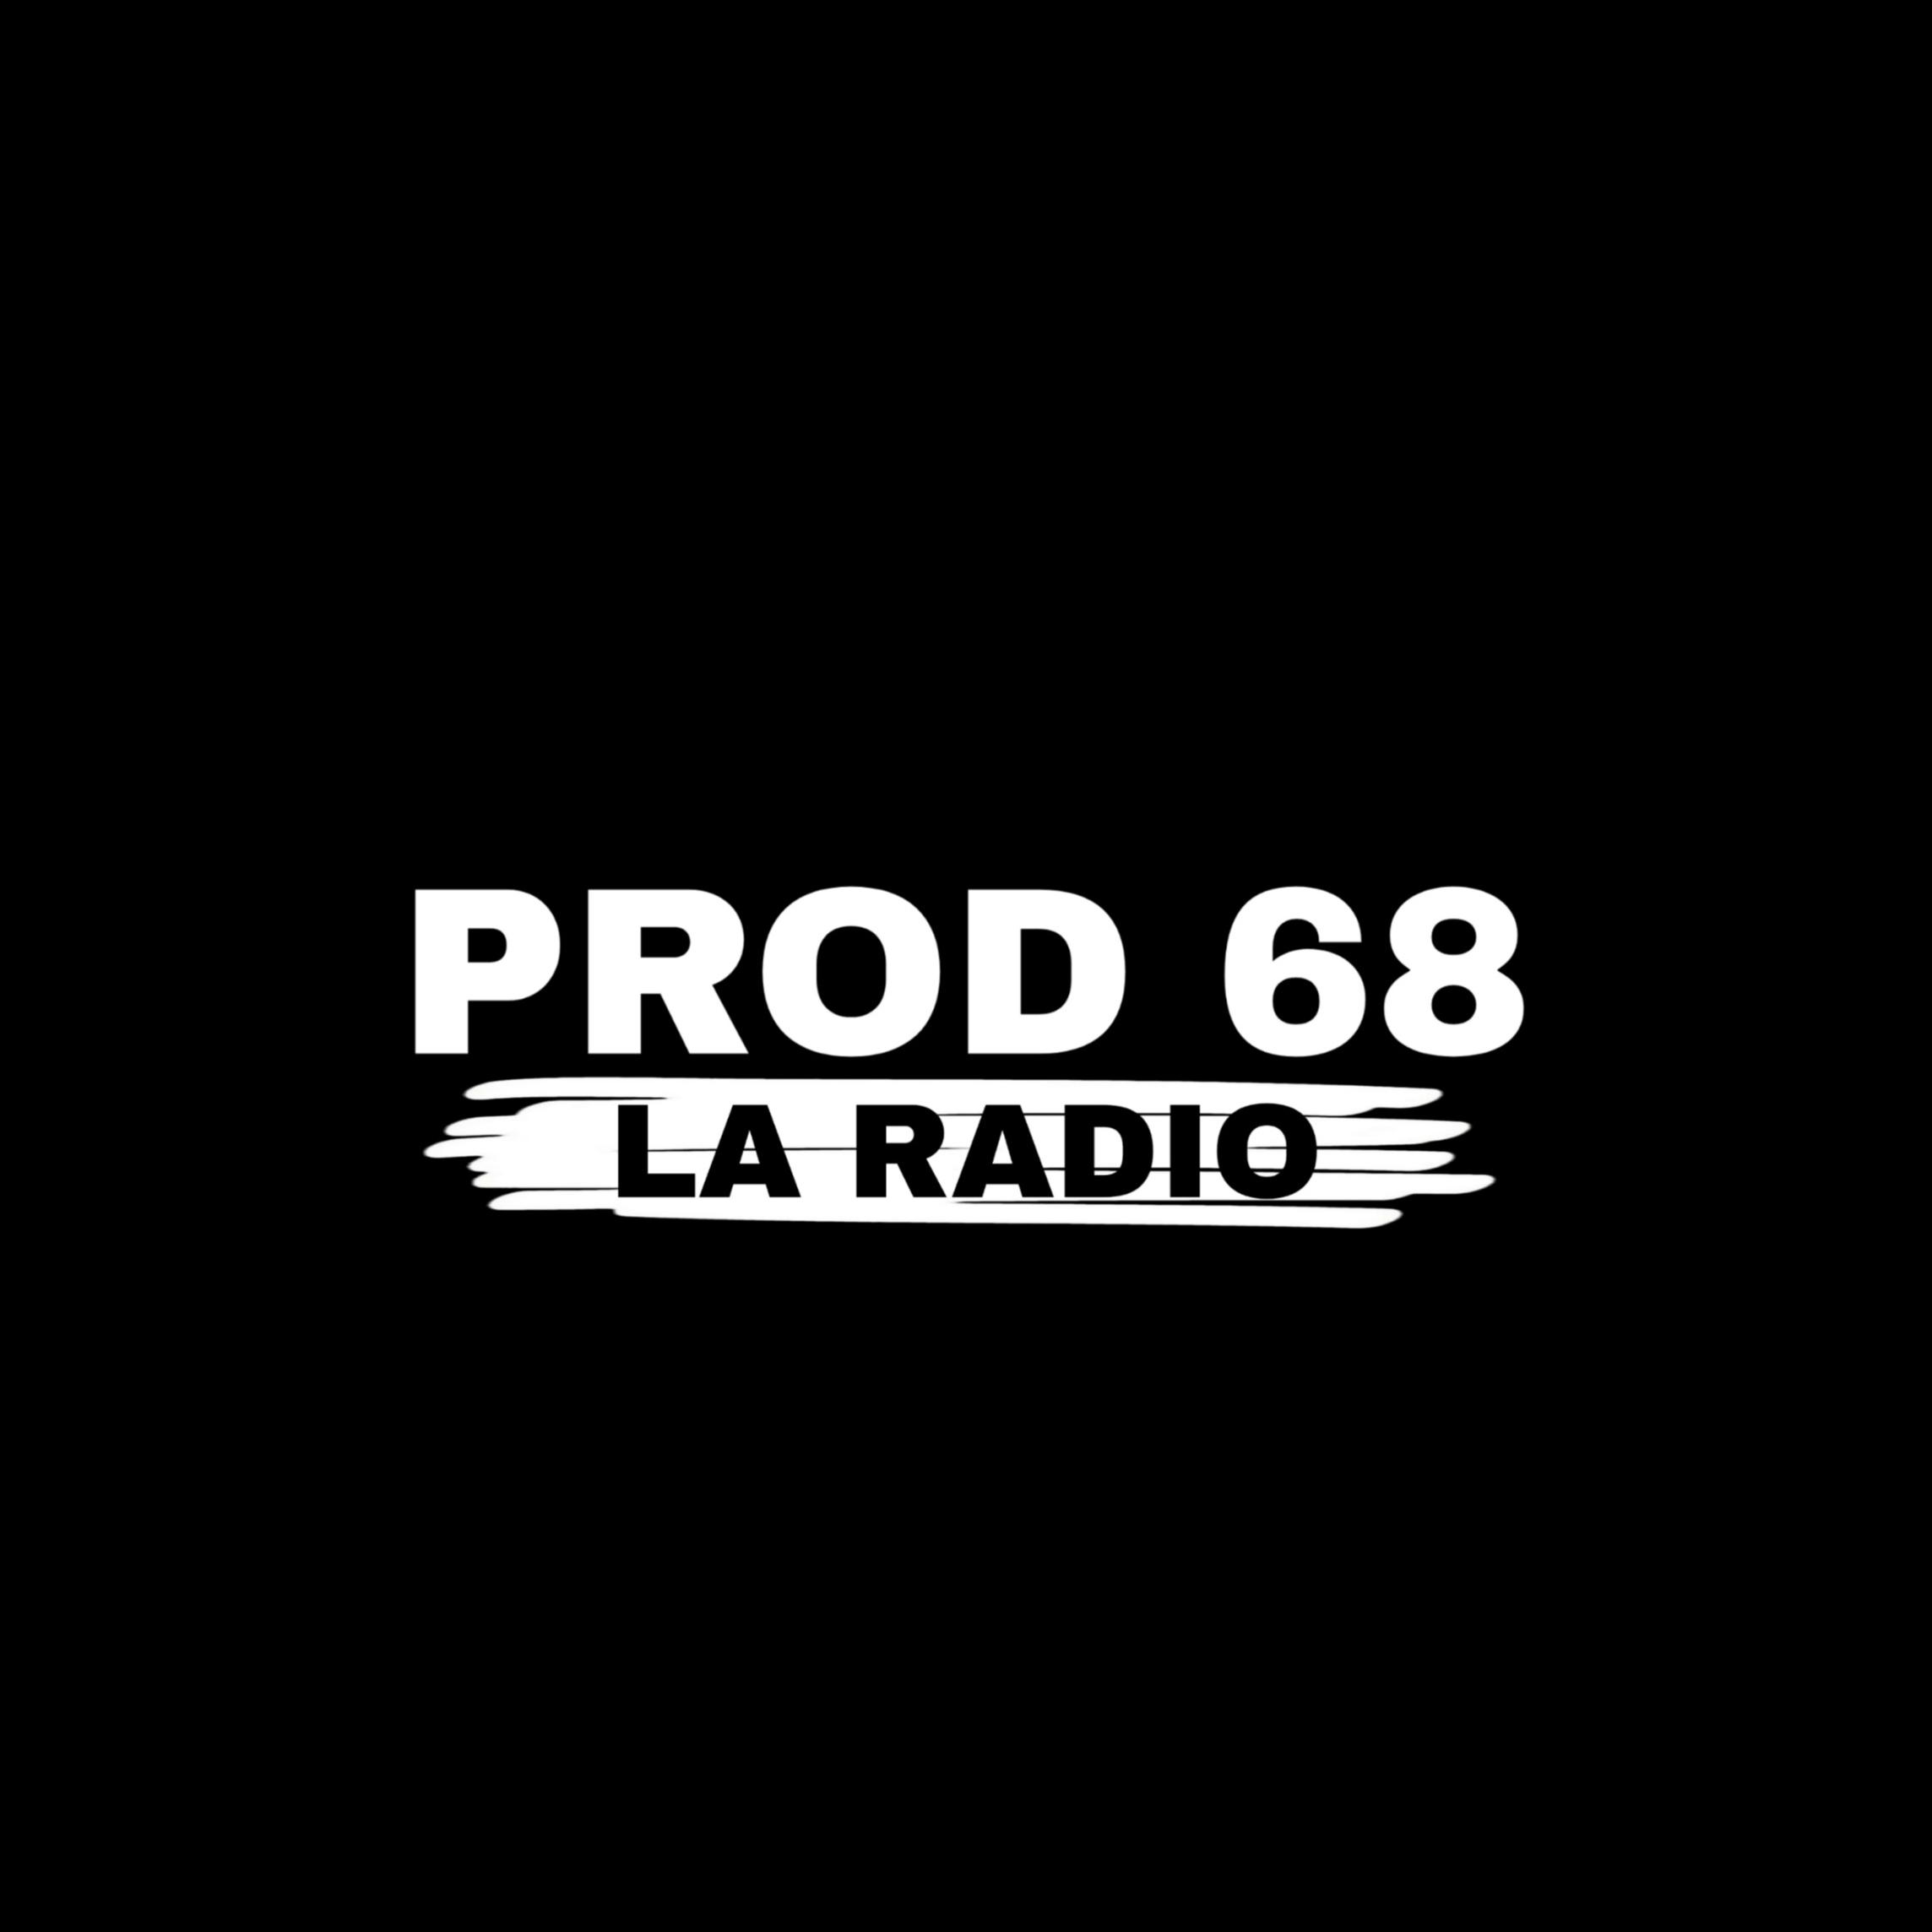 PROD68 RADIO